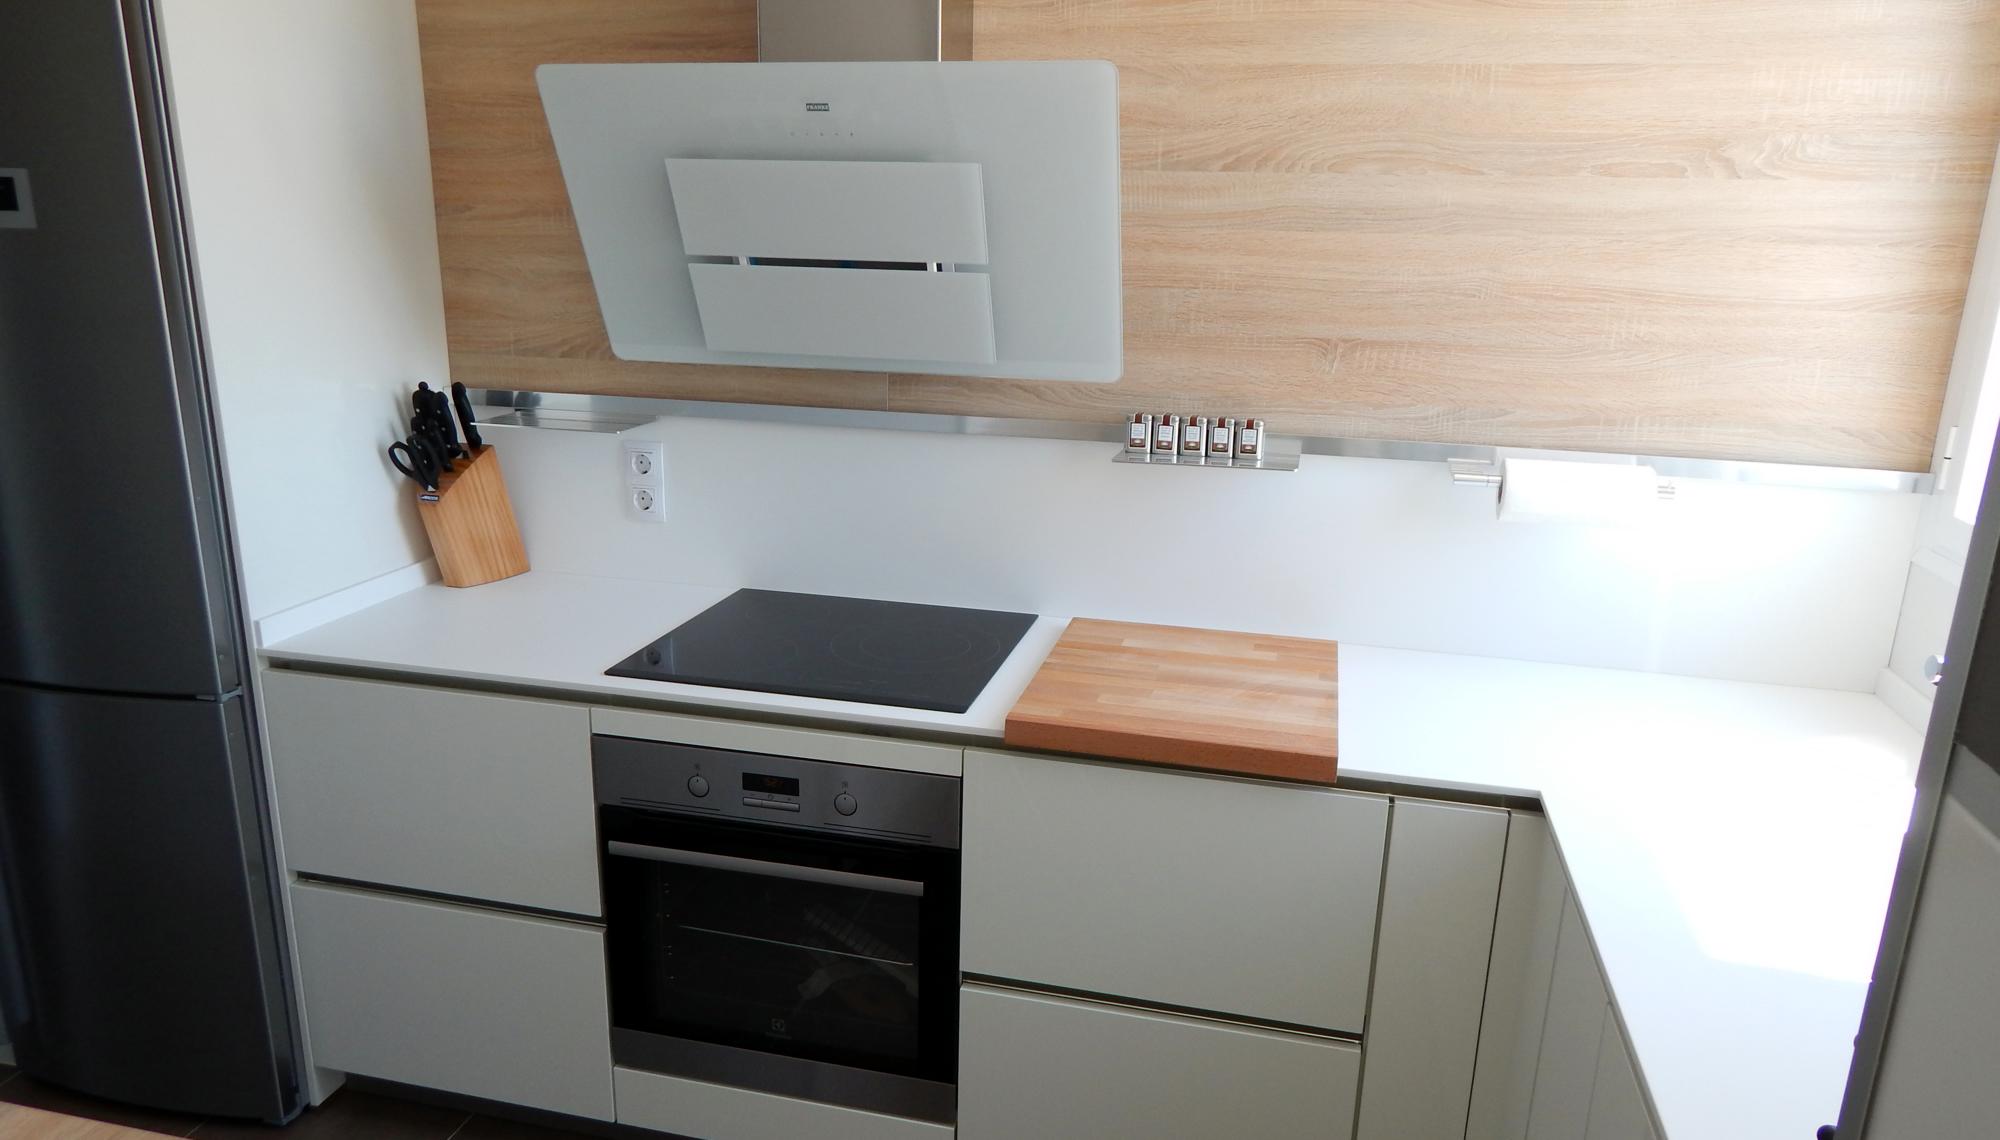 Muebles de cocina modelo 3020 for Mueble salon lacado alto brillo